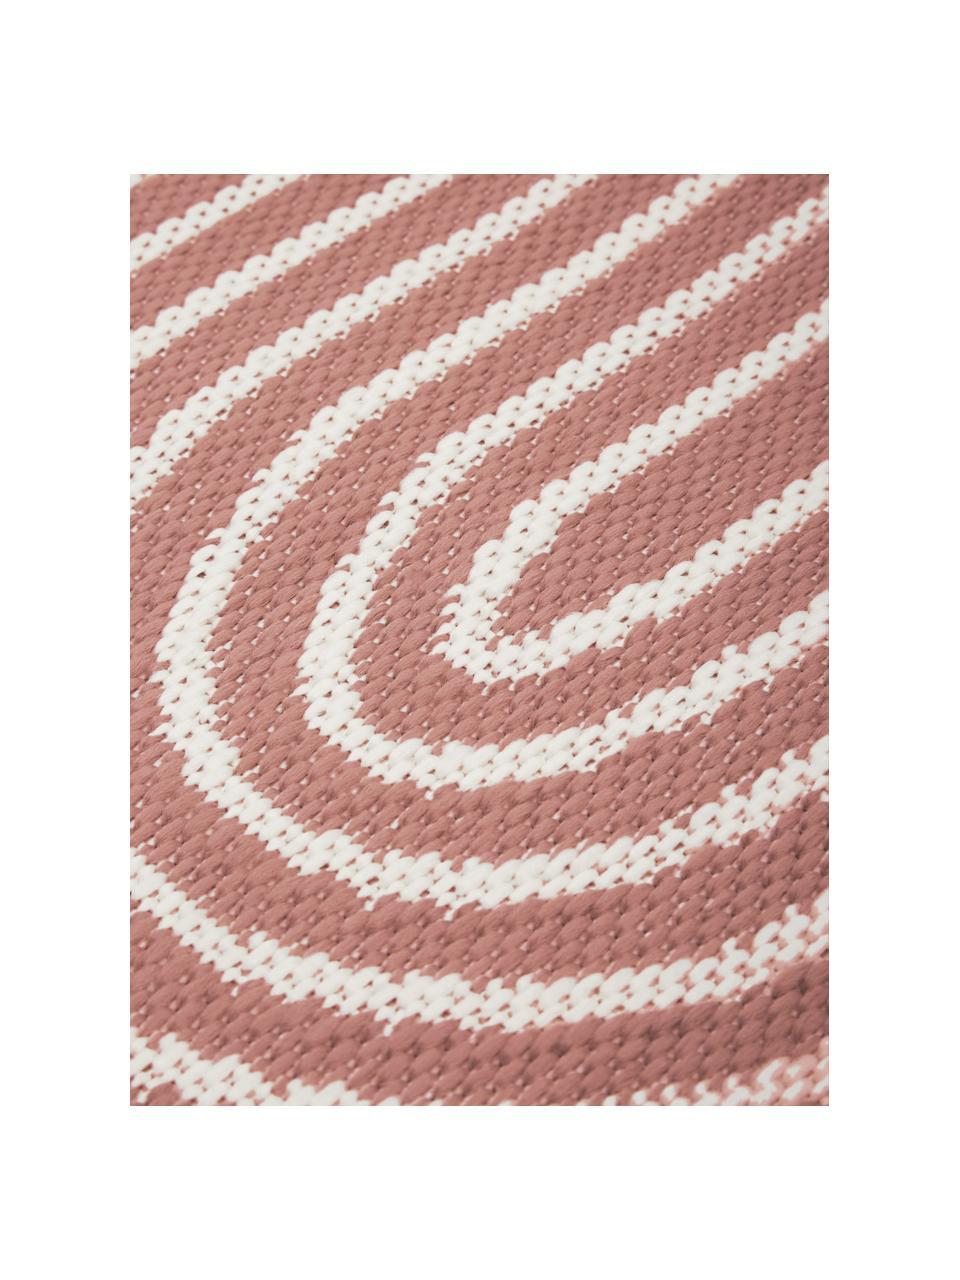 Tappeto corallo/bianco da interno-esterno Arches, 86% polipropilene, 14% poliestere, Rosso, bianco, Larg. 200 x Lung. 290 cm (taglia L)